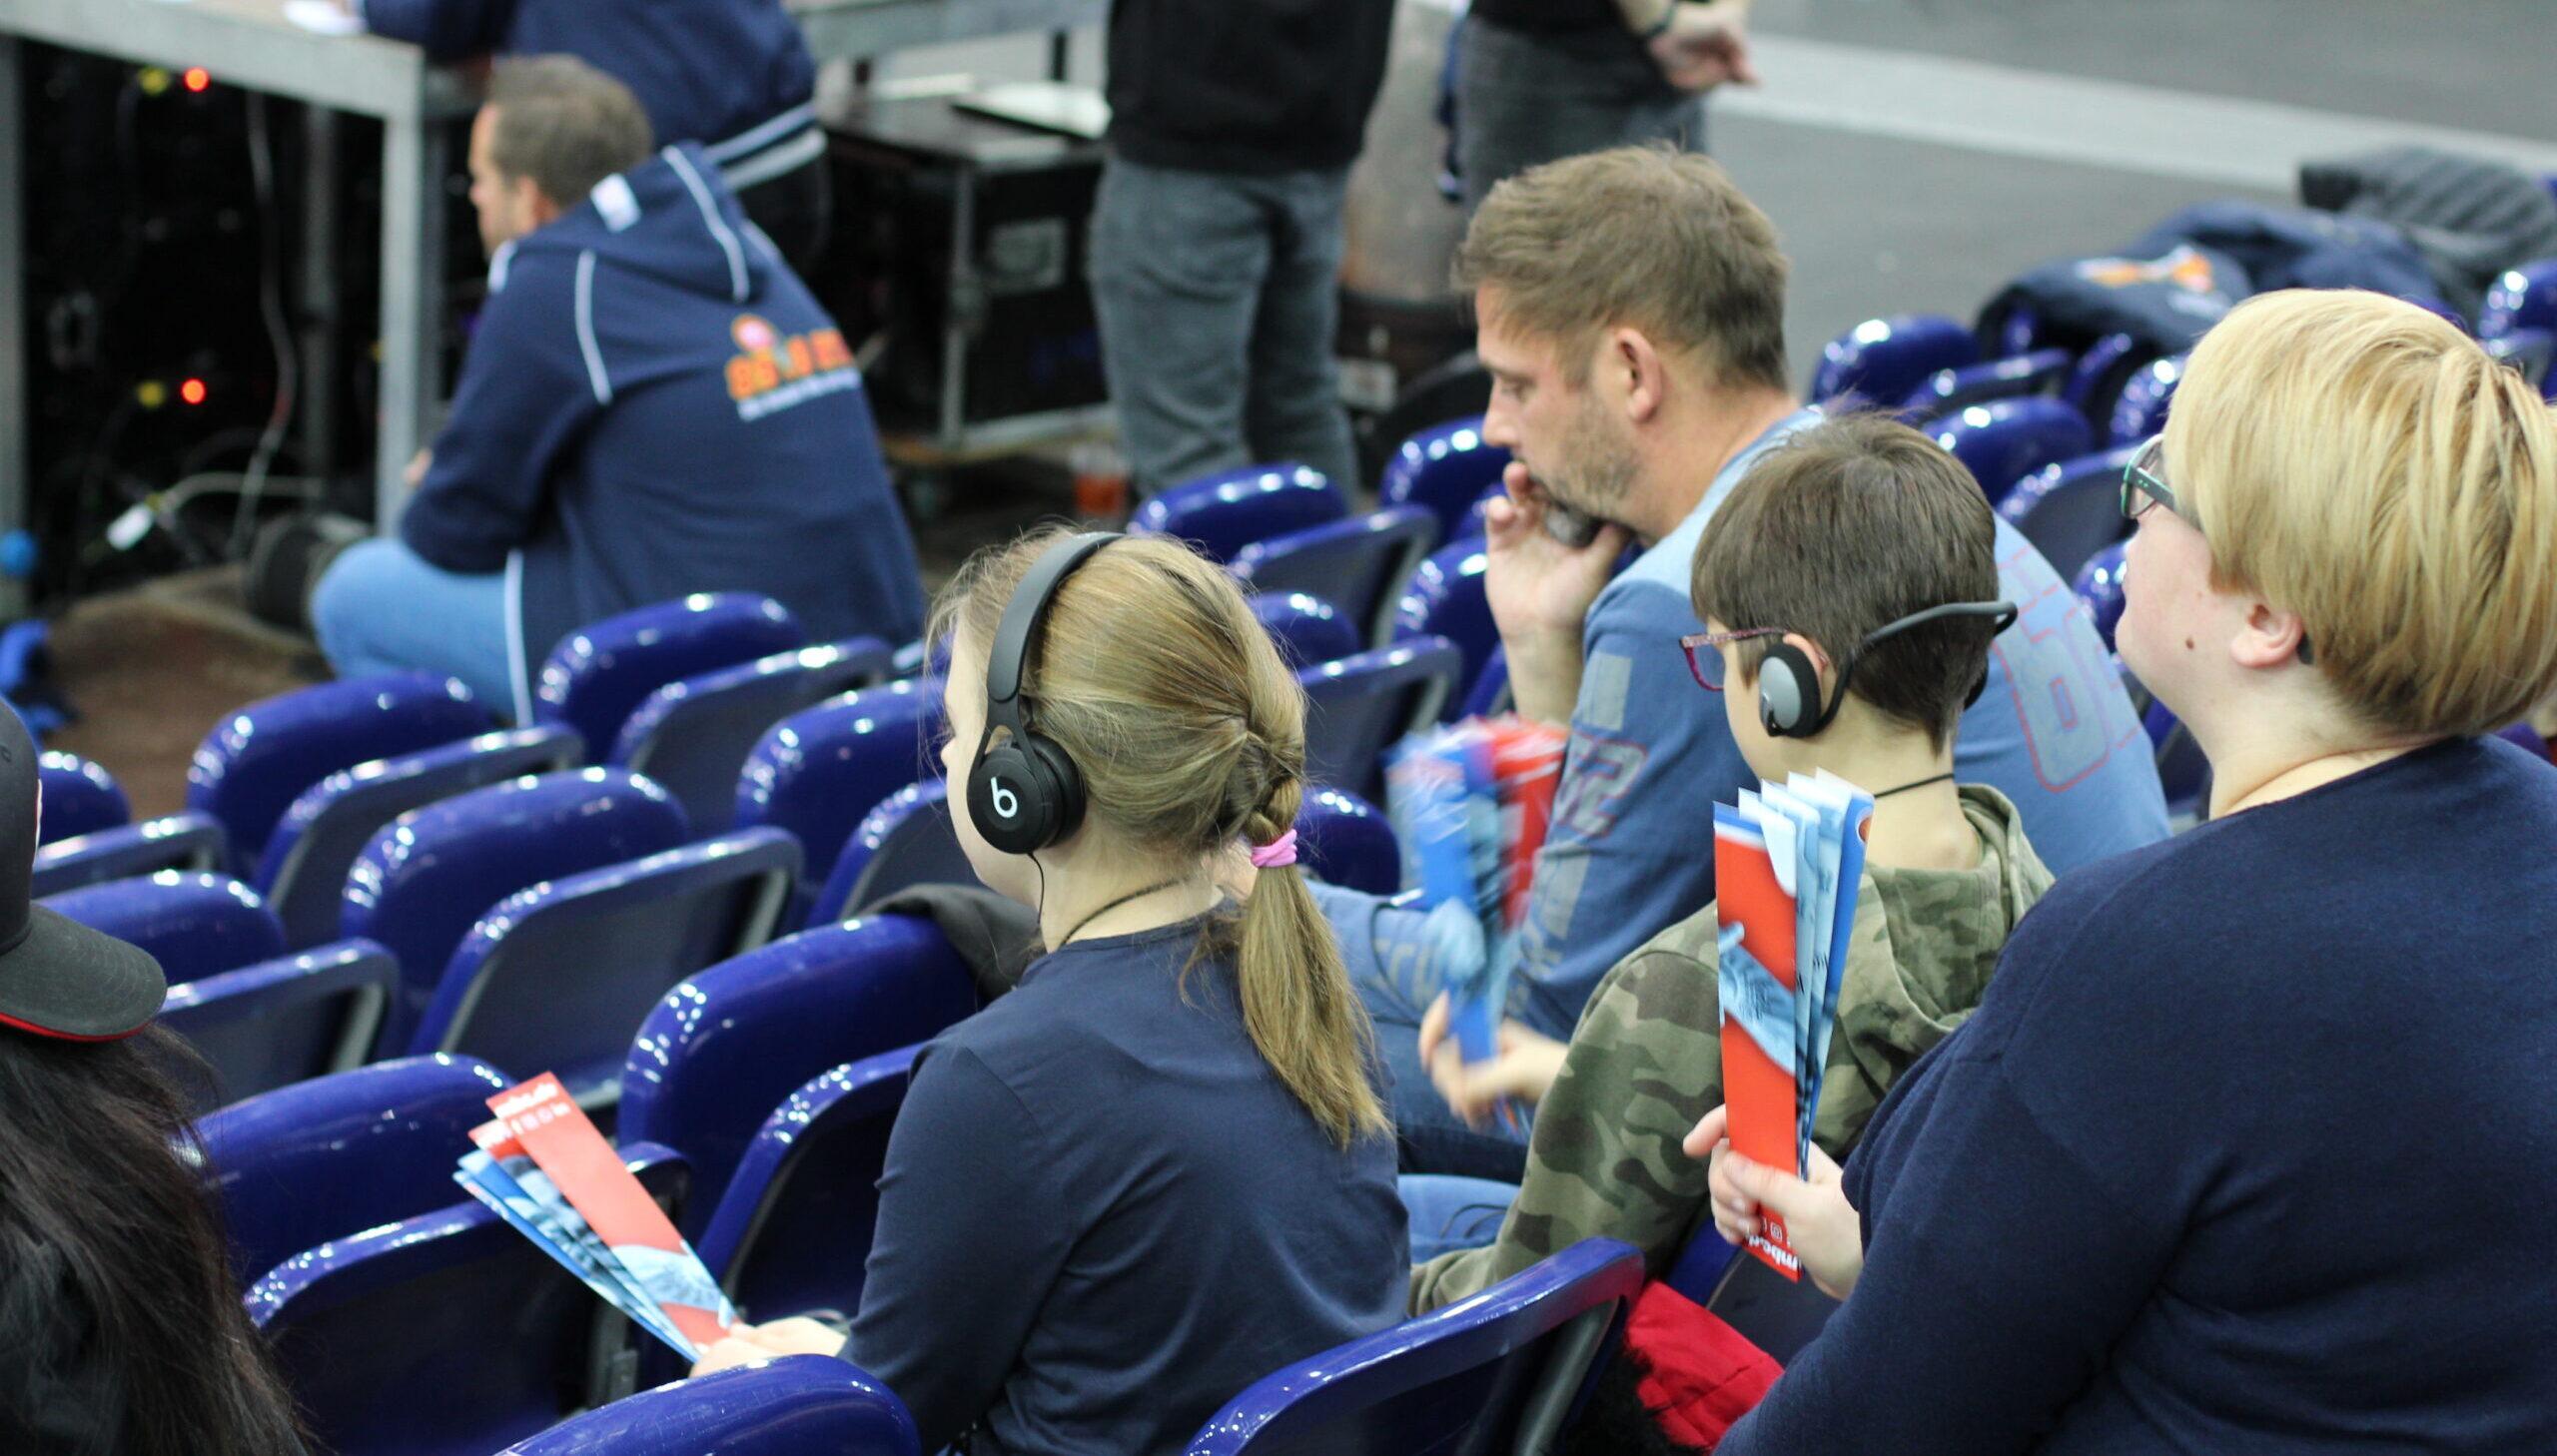 Sehbehinderte und blinde Gäste bei einem Basketballspiel. Über Kopfhörer verfolgen sie die Live-Audiodeskription, die von den HörMal Audiodeskription Reportern Florian Eib und Jari Schaller bereitgestellt wurde, Foto: Anneke Elsner.